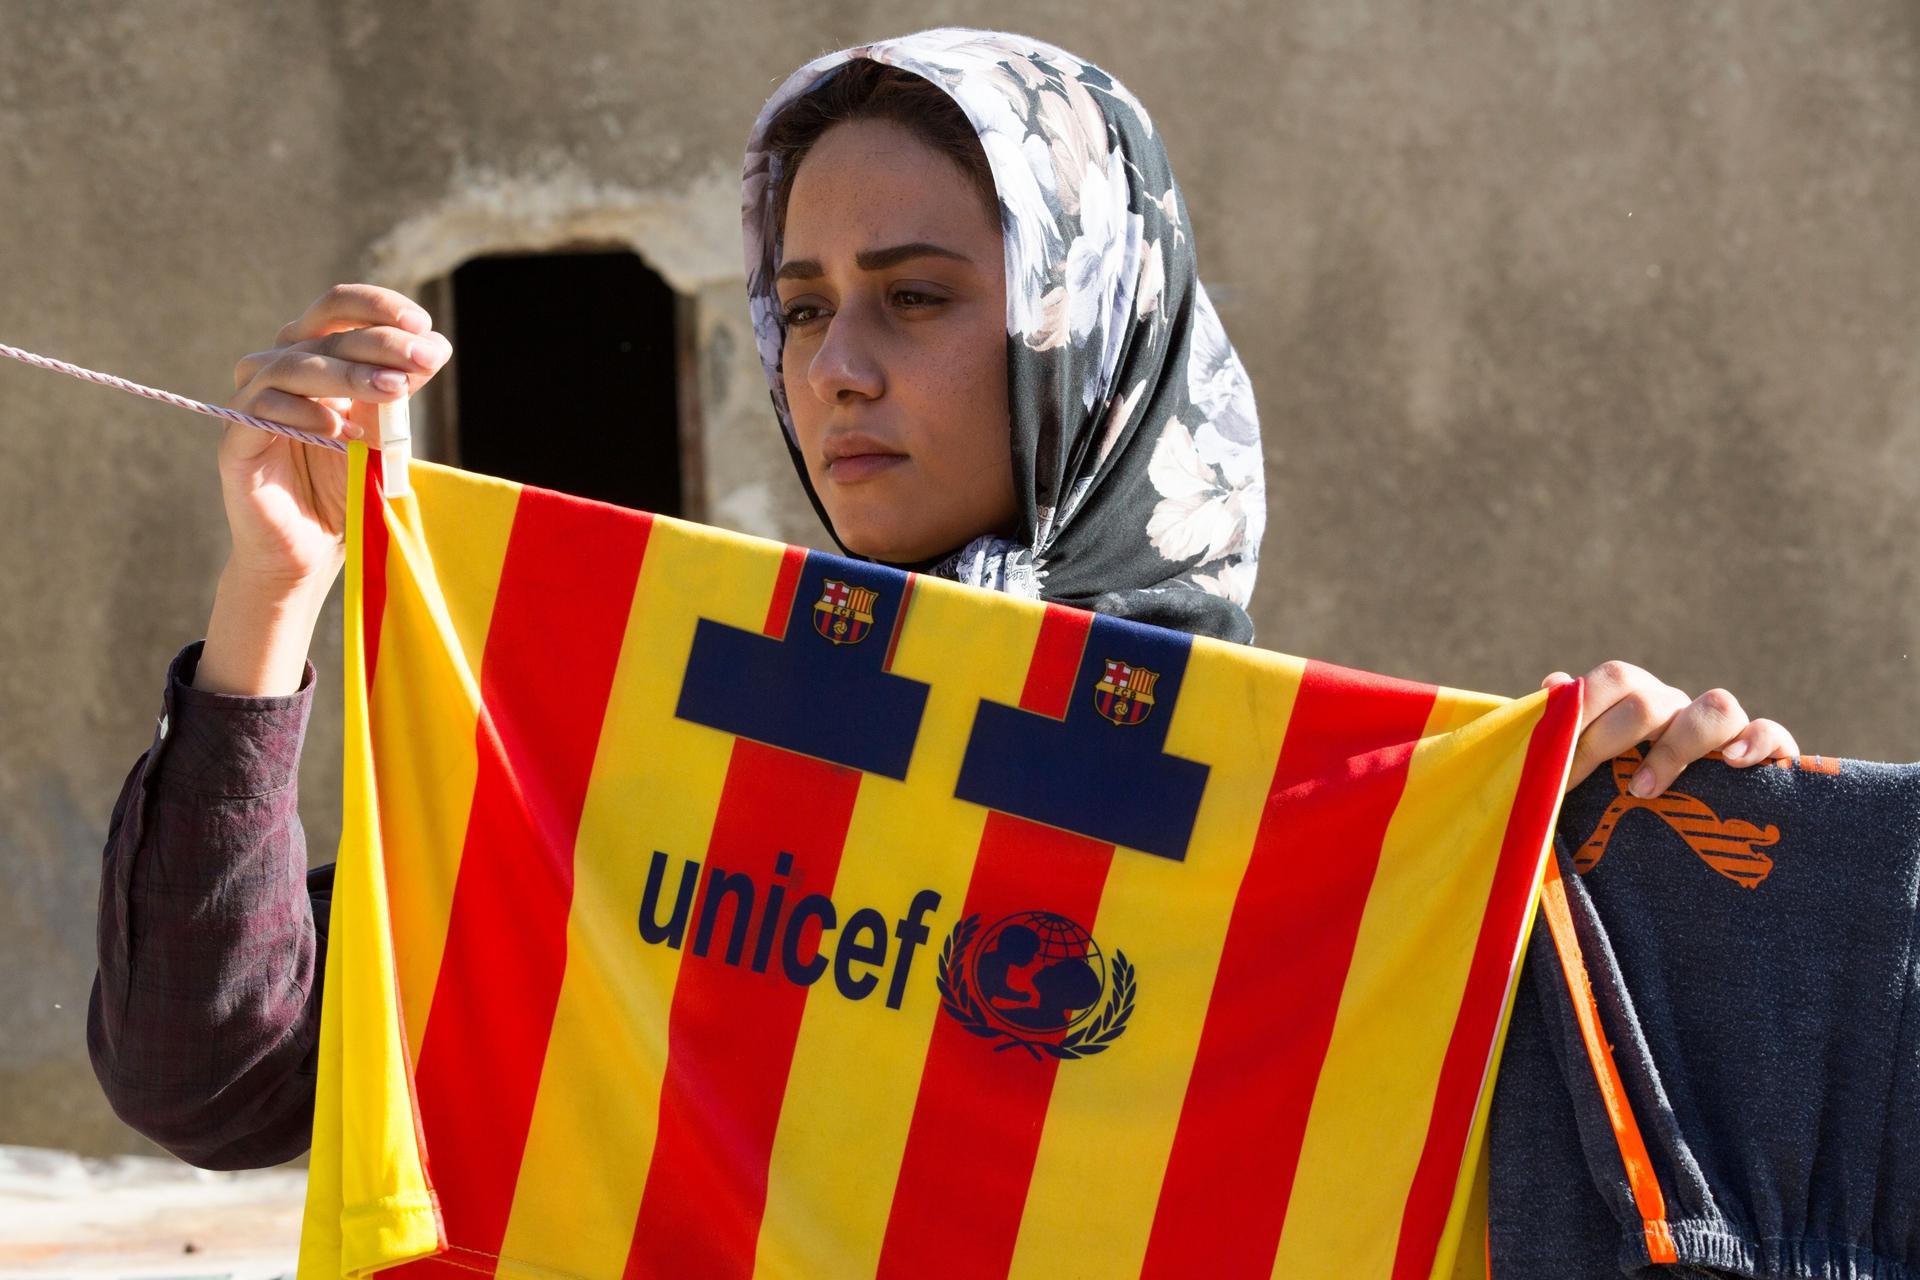 پریناز ایزدیار در فیلم تابستان داغ